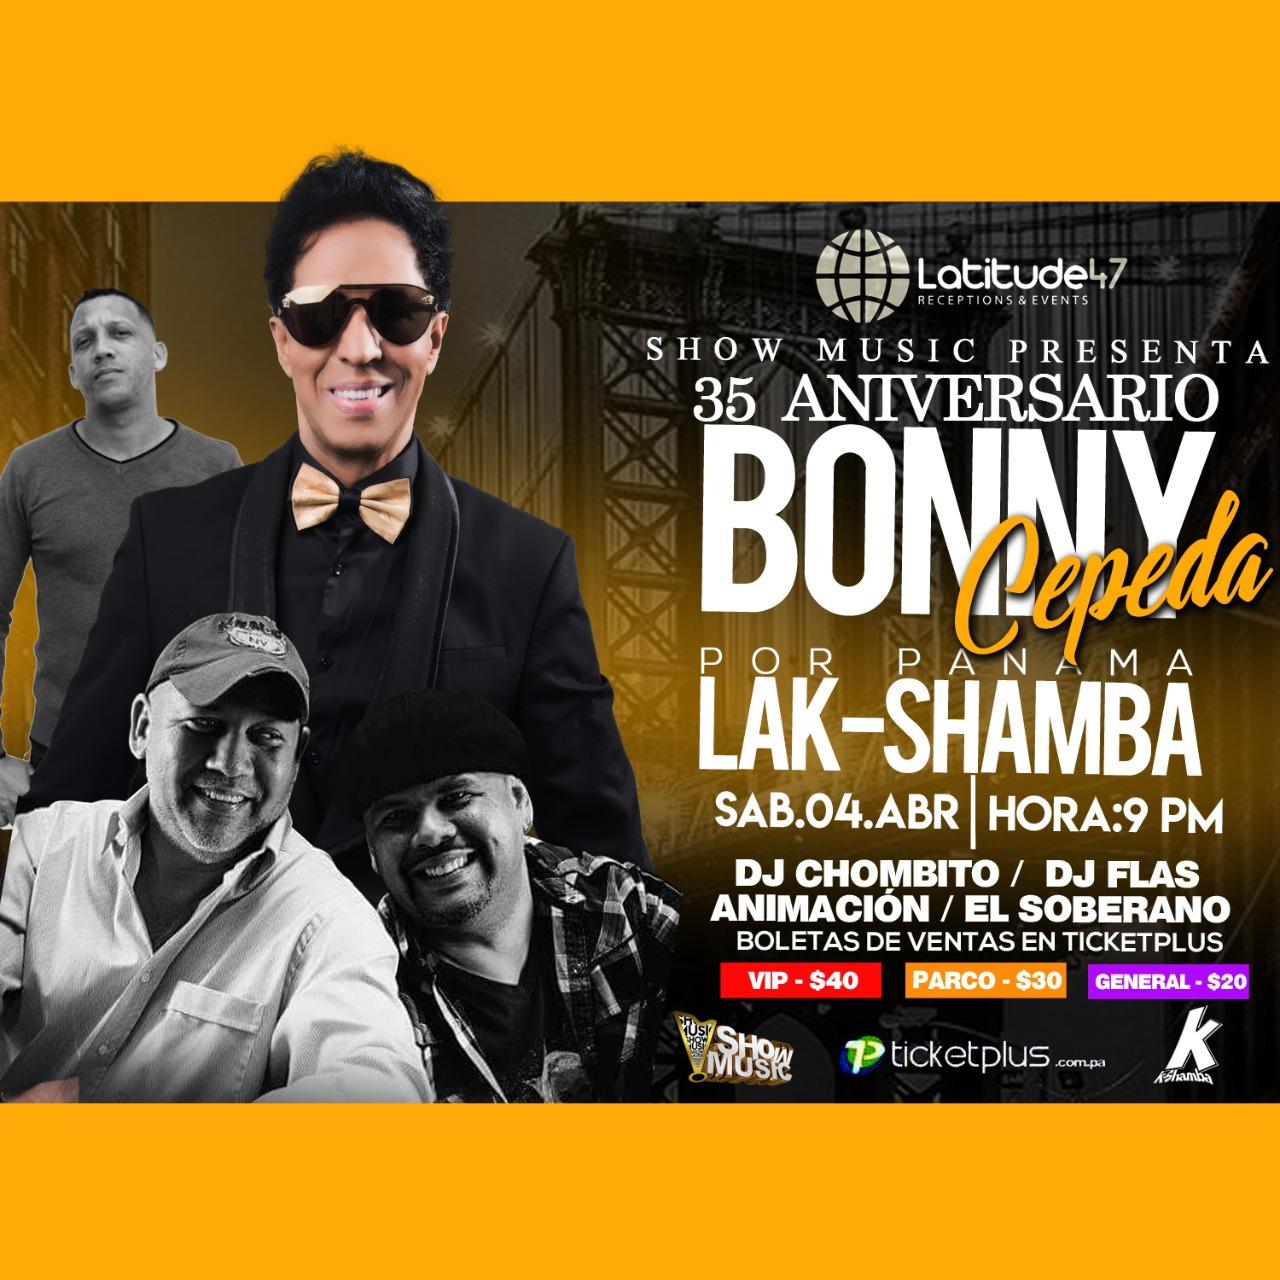 Photo of Bonny Cepeda en concierto en Panamá el próximo 04 de abril